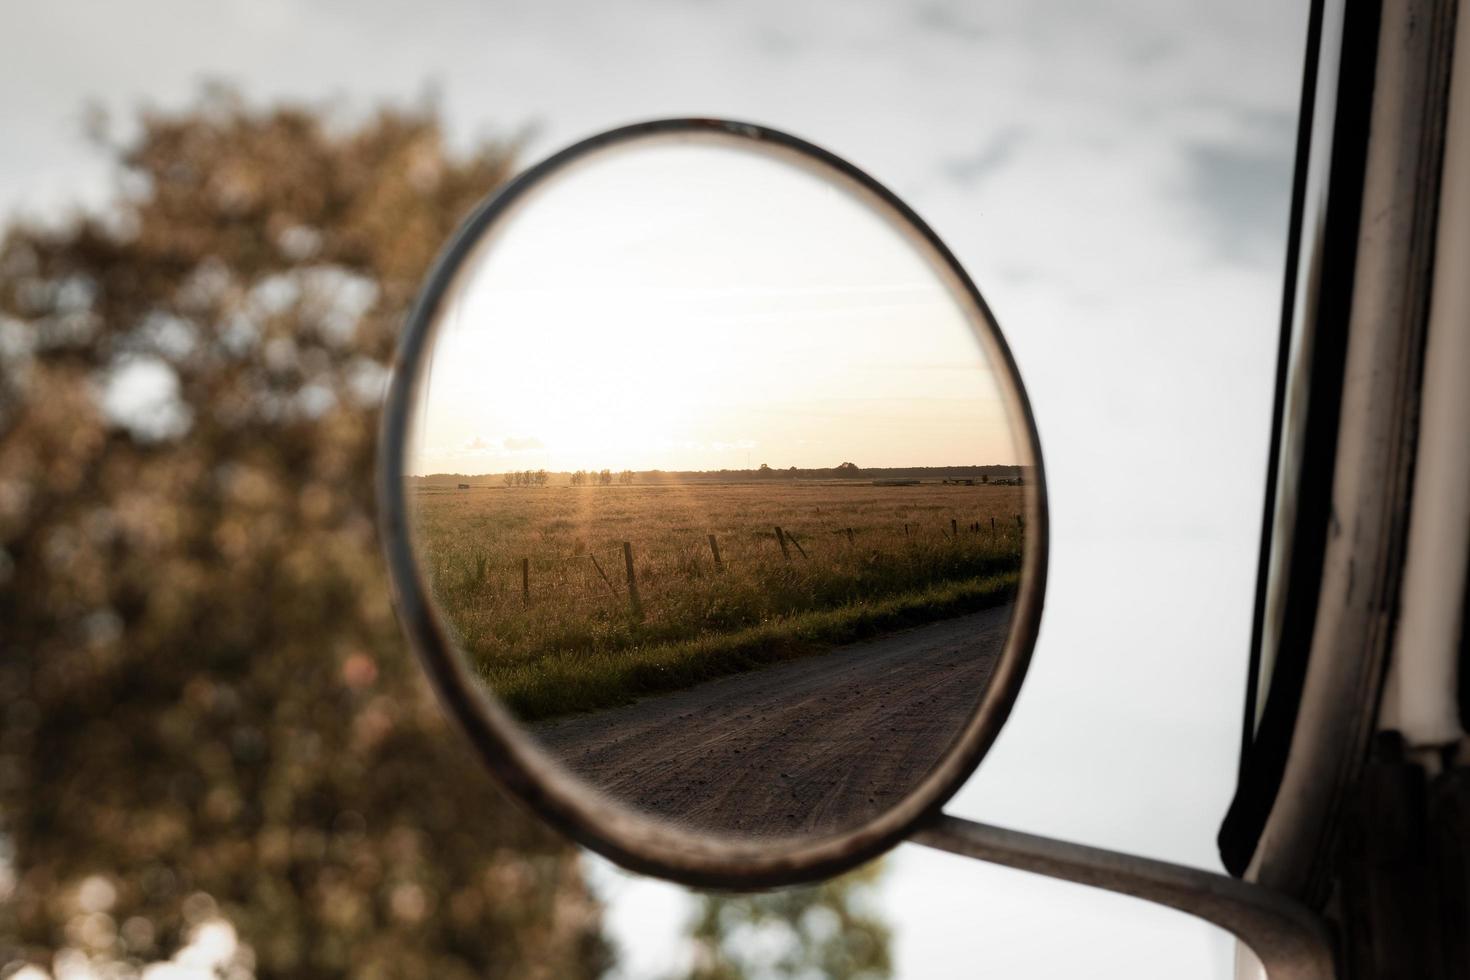 zijspiegel van het voertuig foto